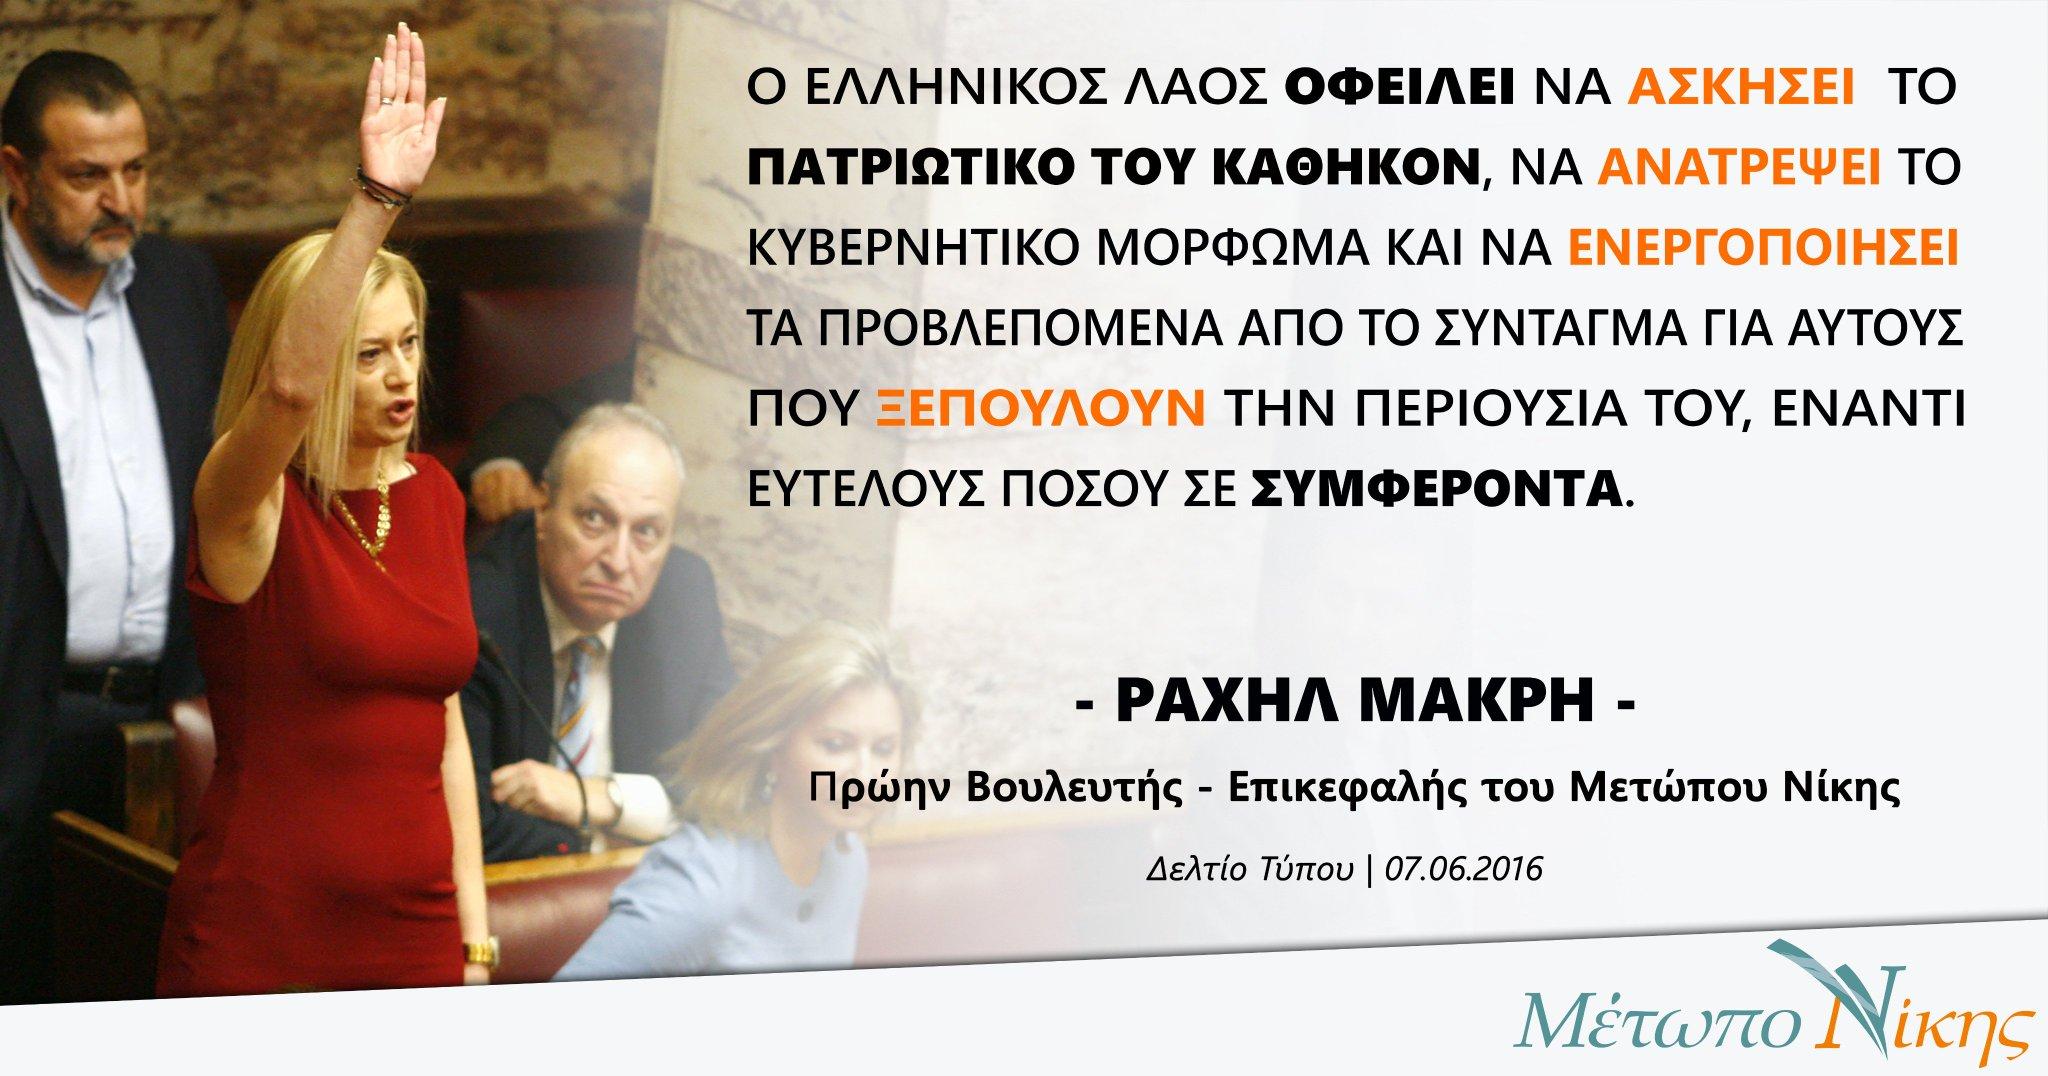 #metoponikis #syriza #ΑΝΕΛ #ΝΔ #ΠΑΣΟΚ #TOPOTAMI #mnimonio3 #ναισεόλα https://t.co/rv1QH4Kbal